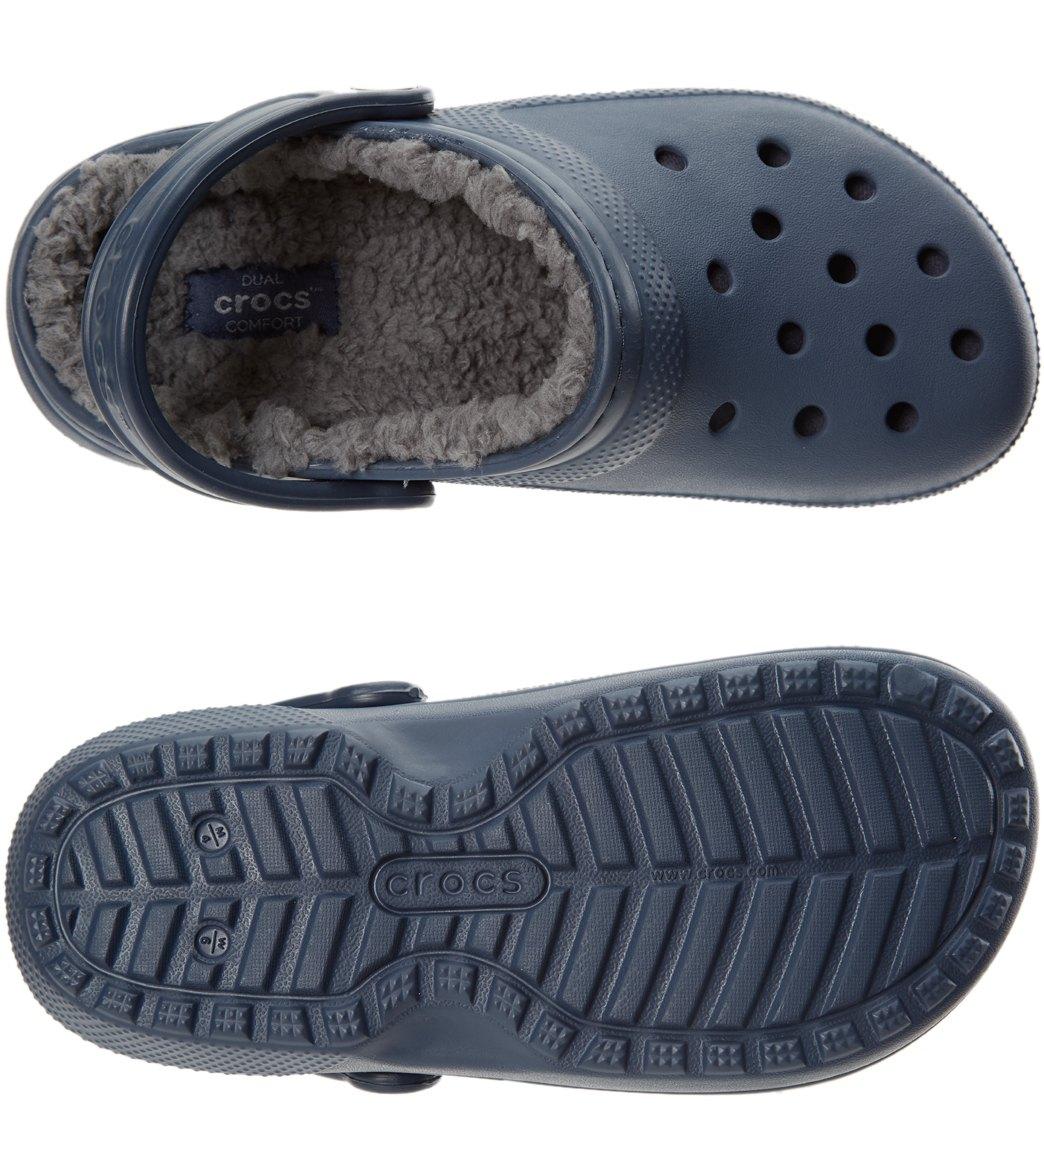 18bf7f1af Crocs Classic Fuzz Lined Clog at SwimOutlet.com